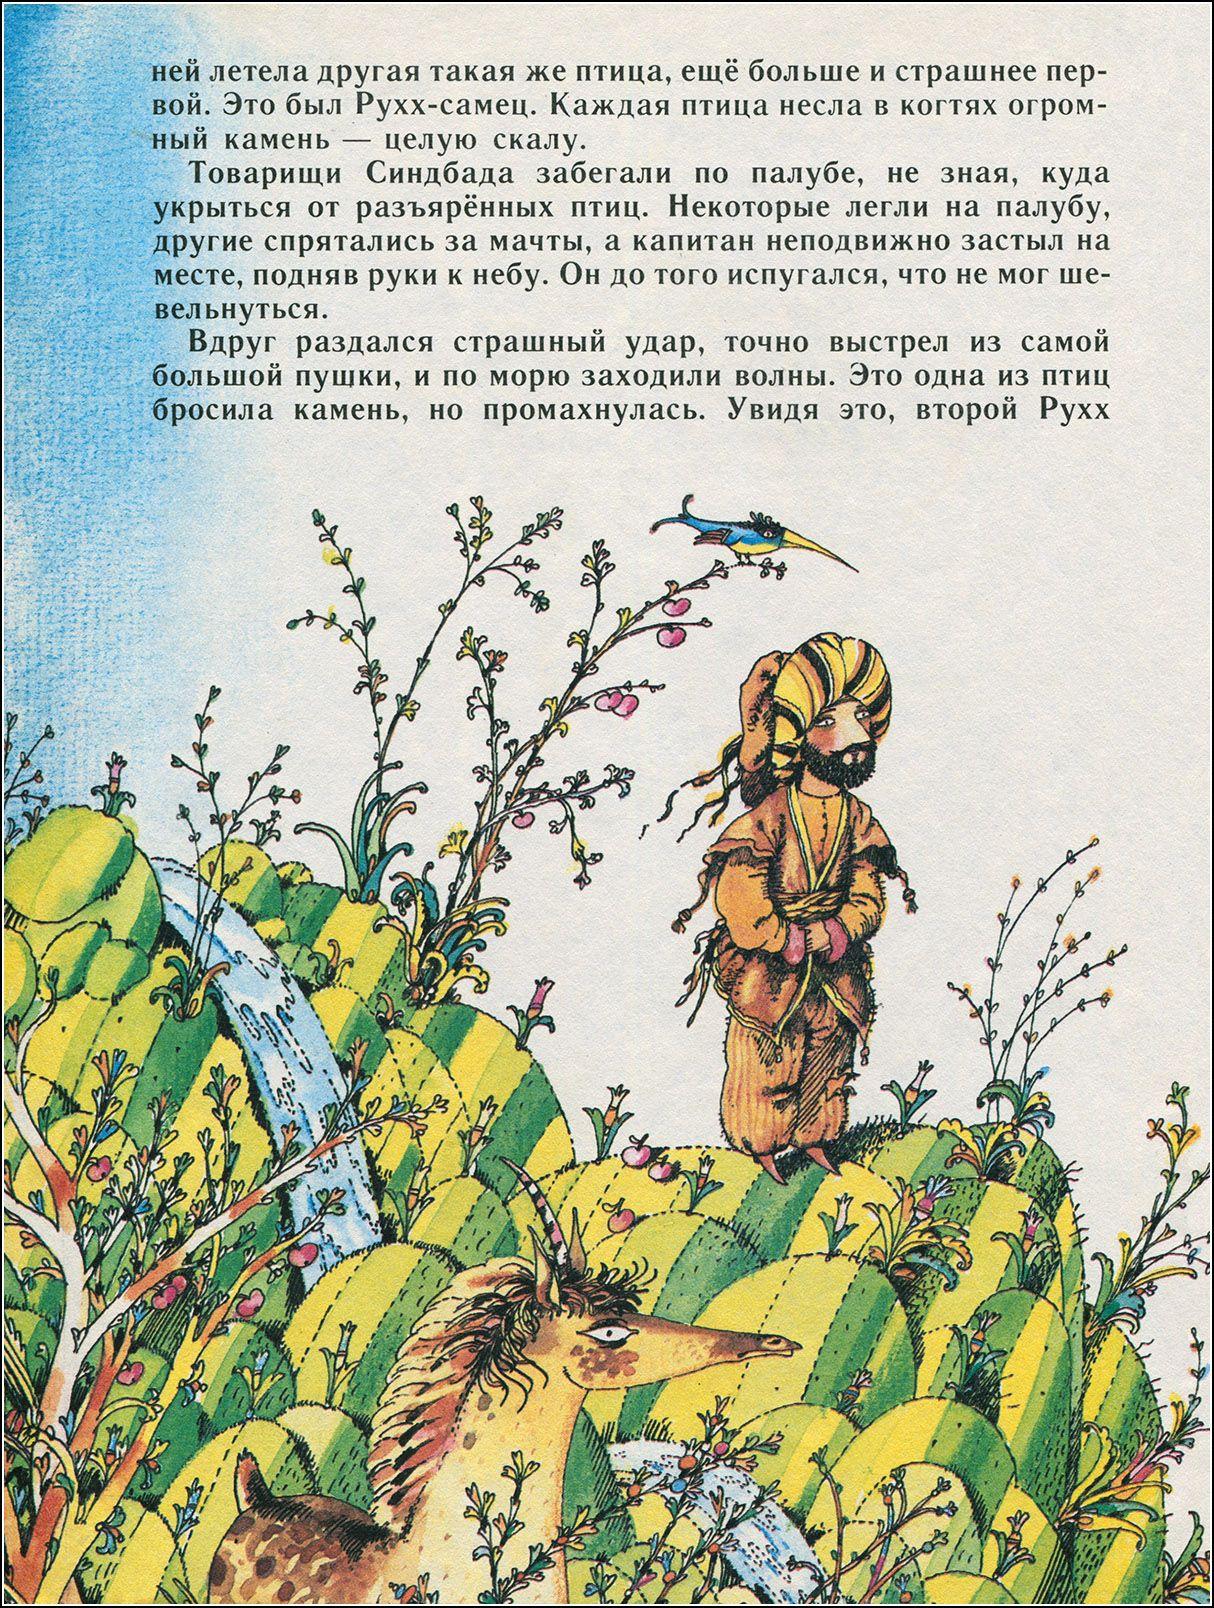 Arabian Nights The Fifth Voyage Of Sinbad The Sailor Illustrator Boris Anikin 1990 Sinbad The Sailor Sinbad Sailor